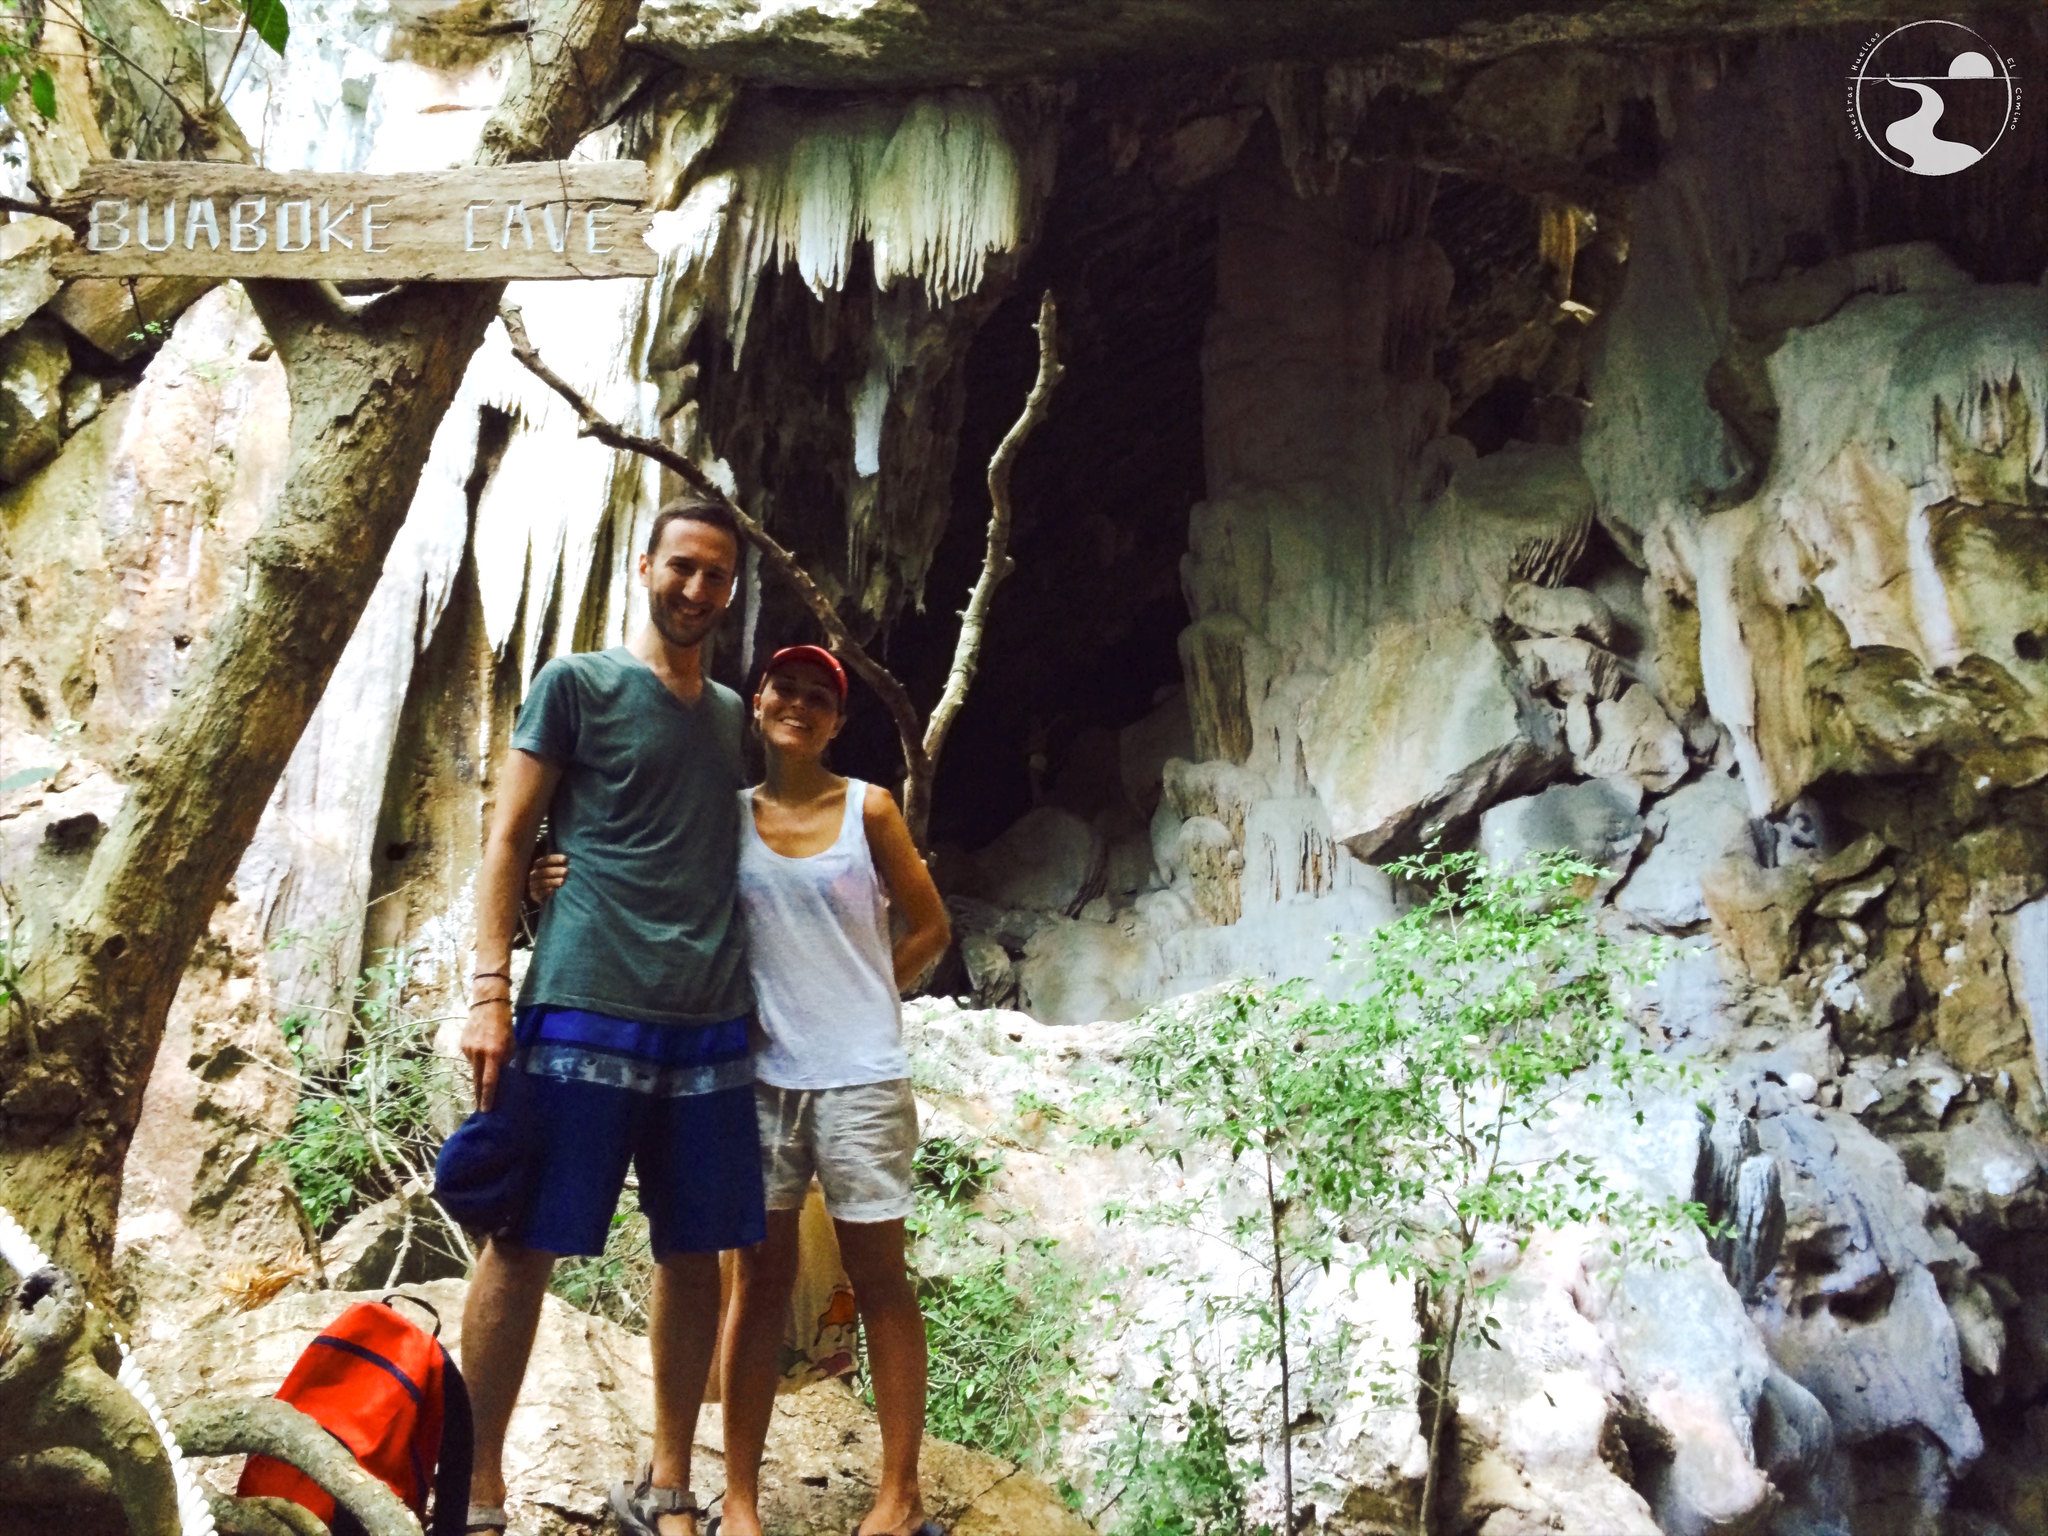 Entrada de la cueva Buaboke